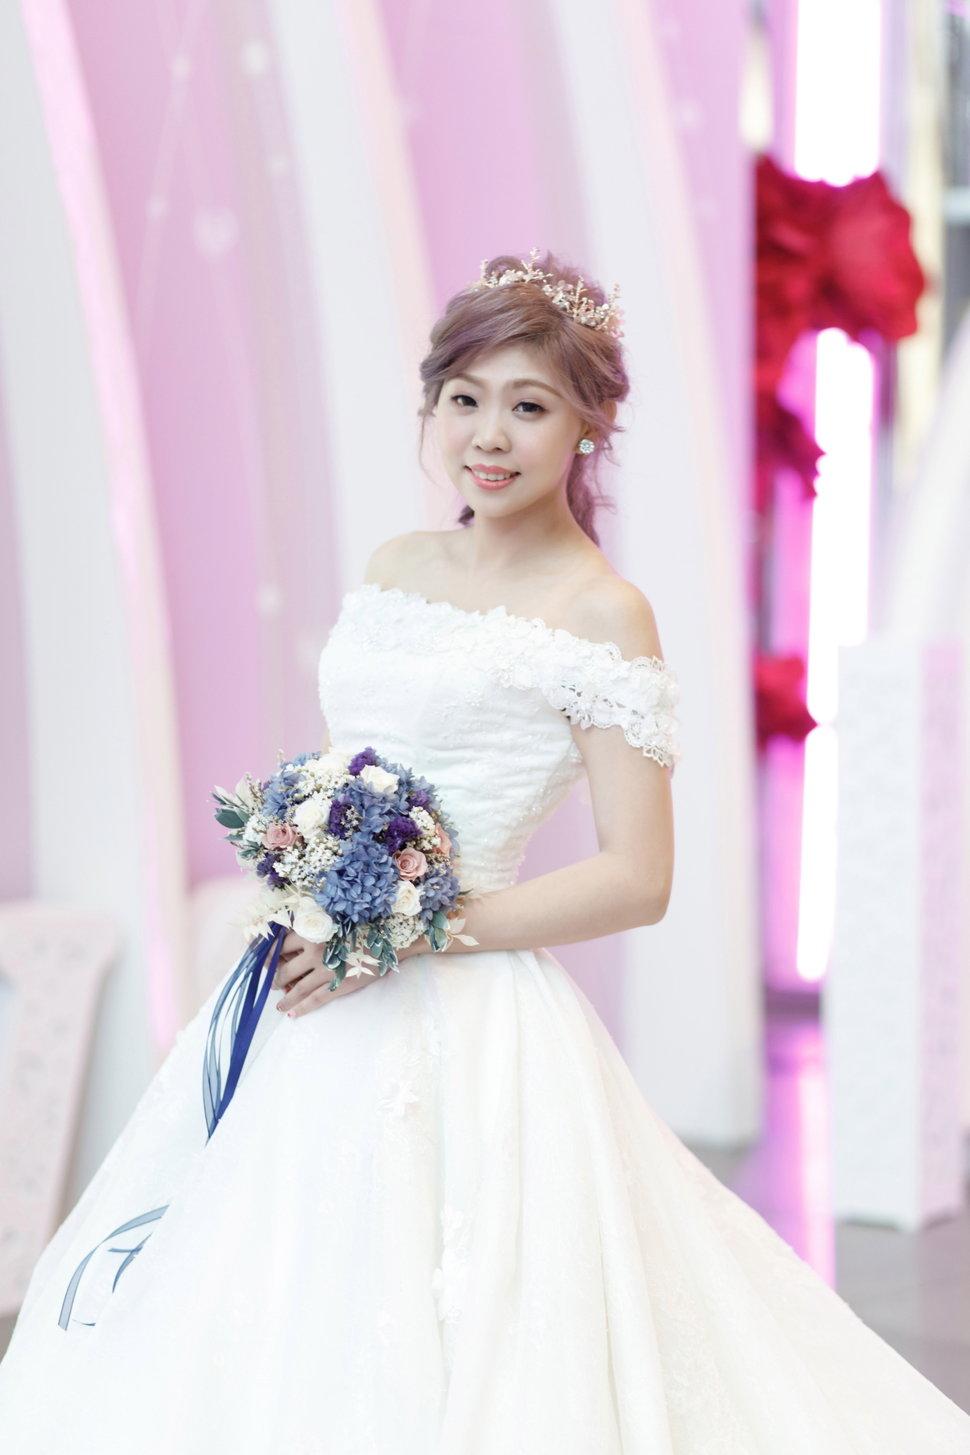 034 - 小夫妻婚攝《結婚吧》